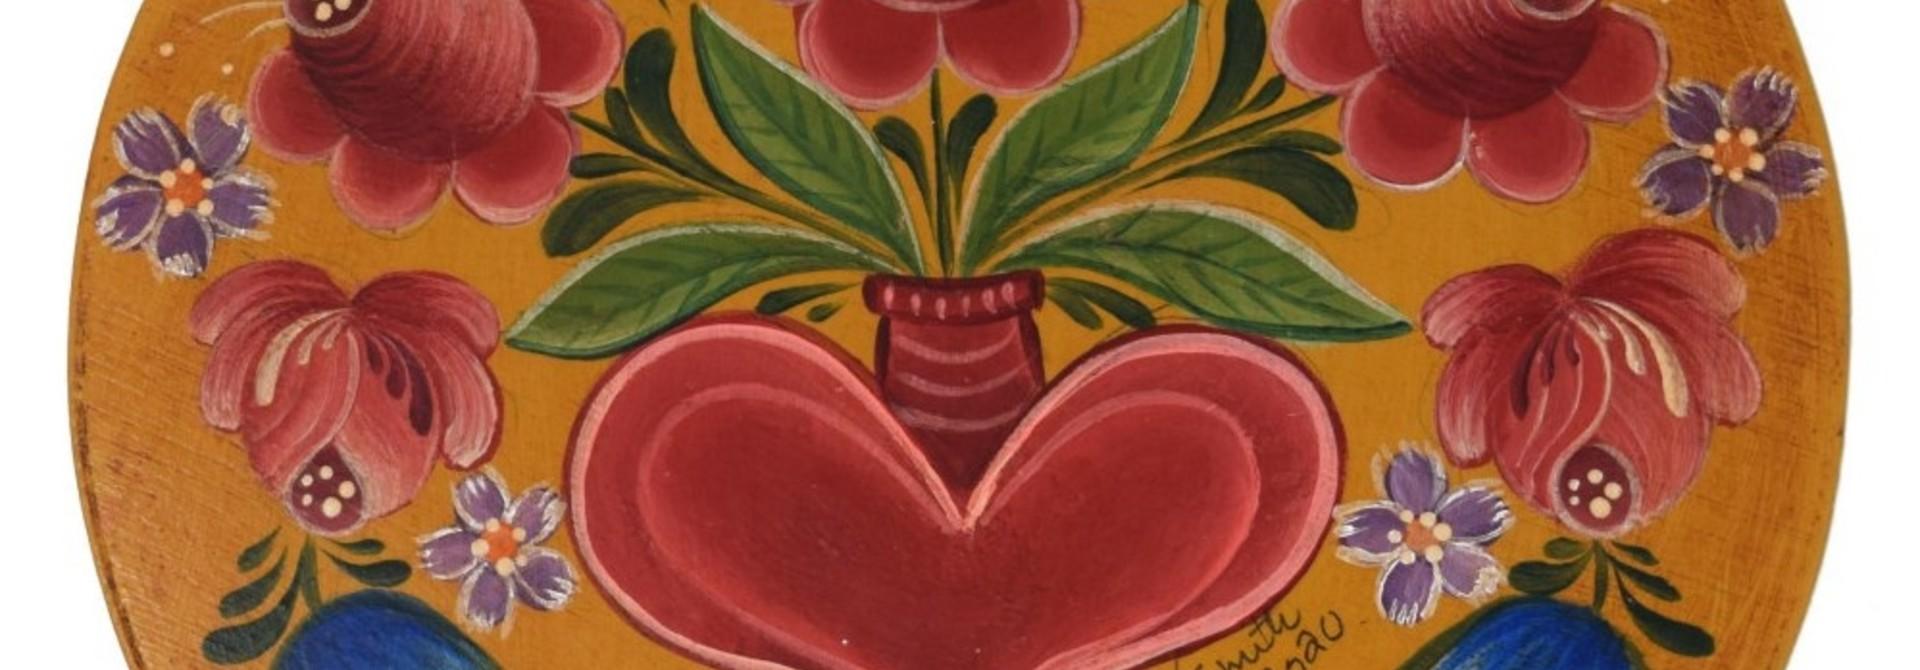 Round Dark Yellow box with tulips and heart vase